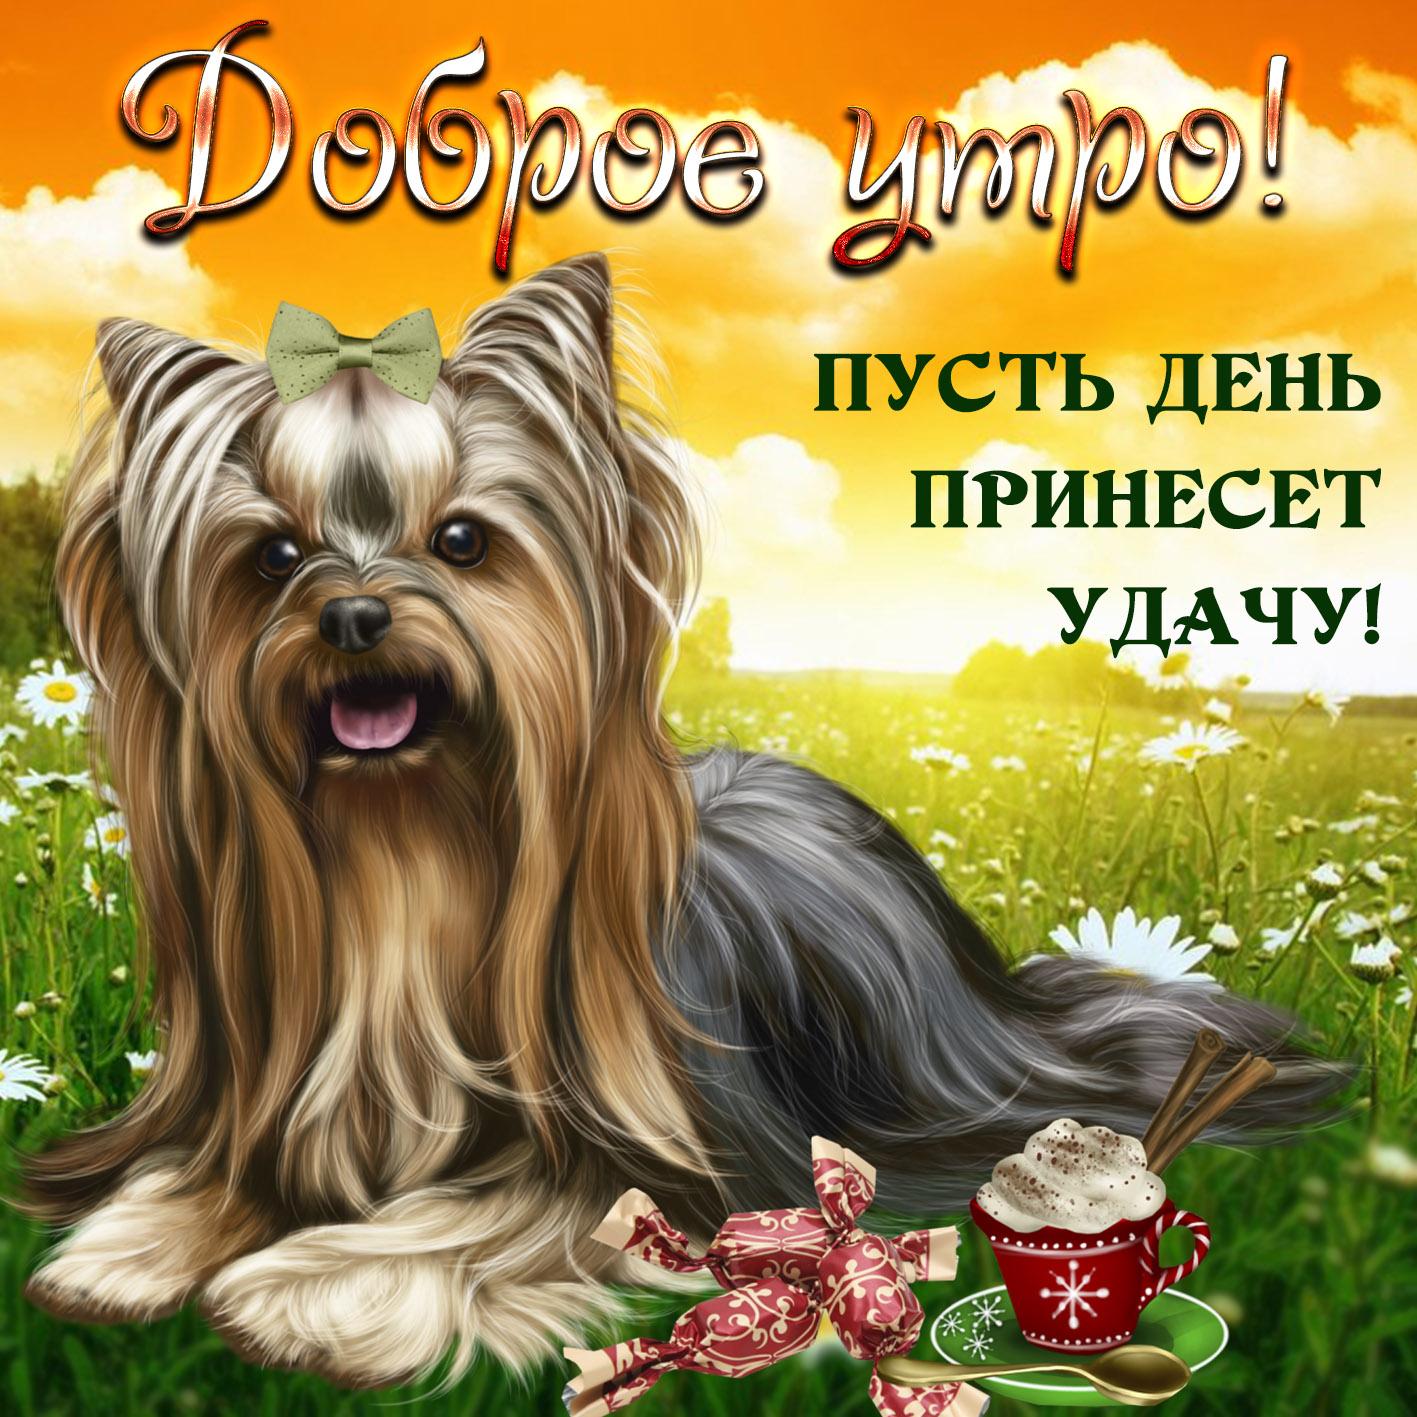 пожелания с добрым утром картинки животных полосы